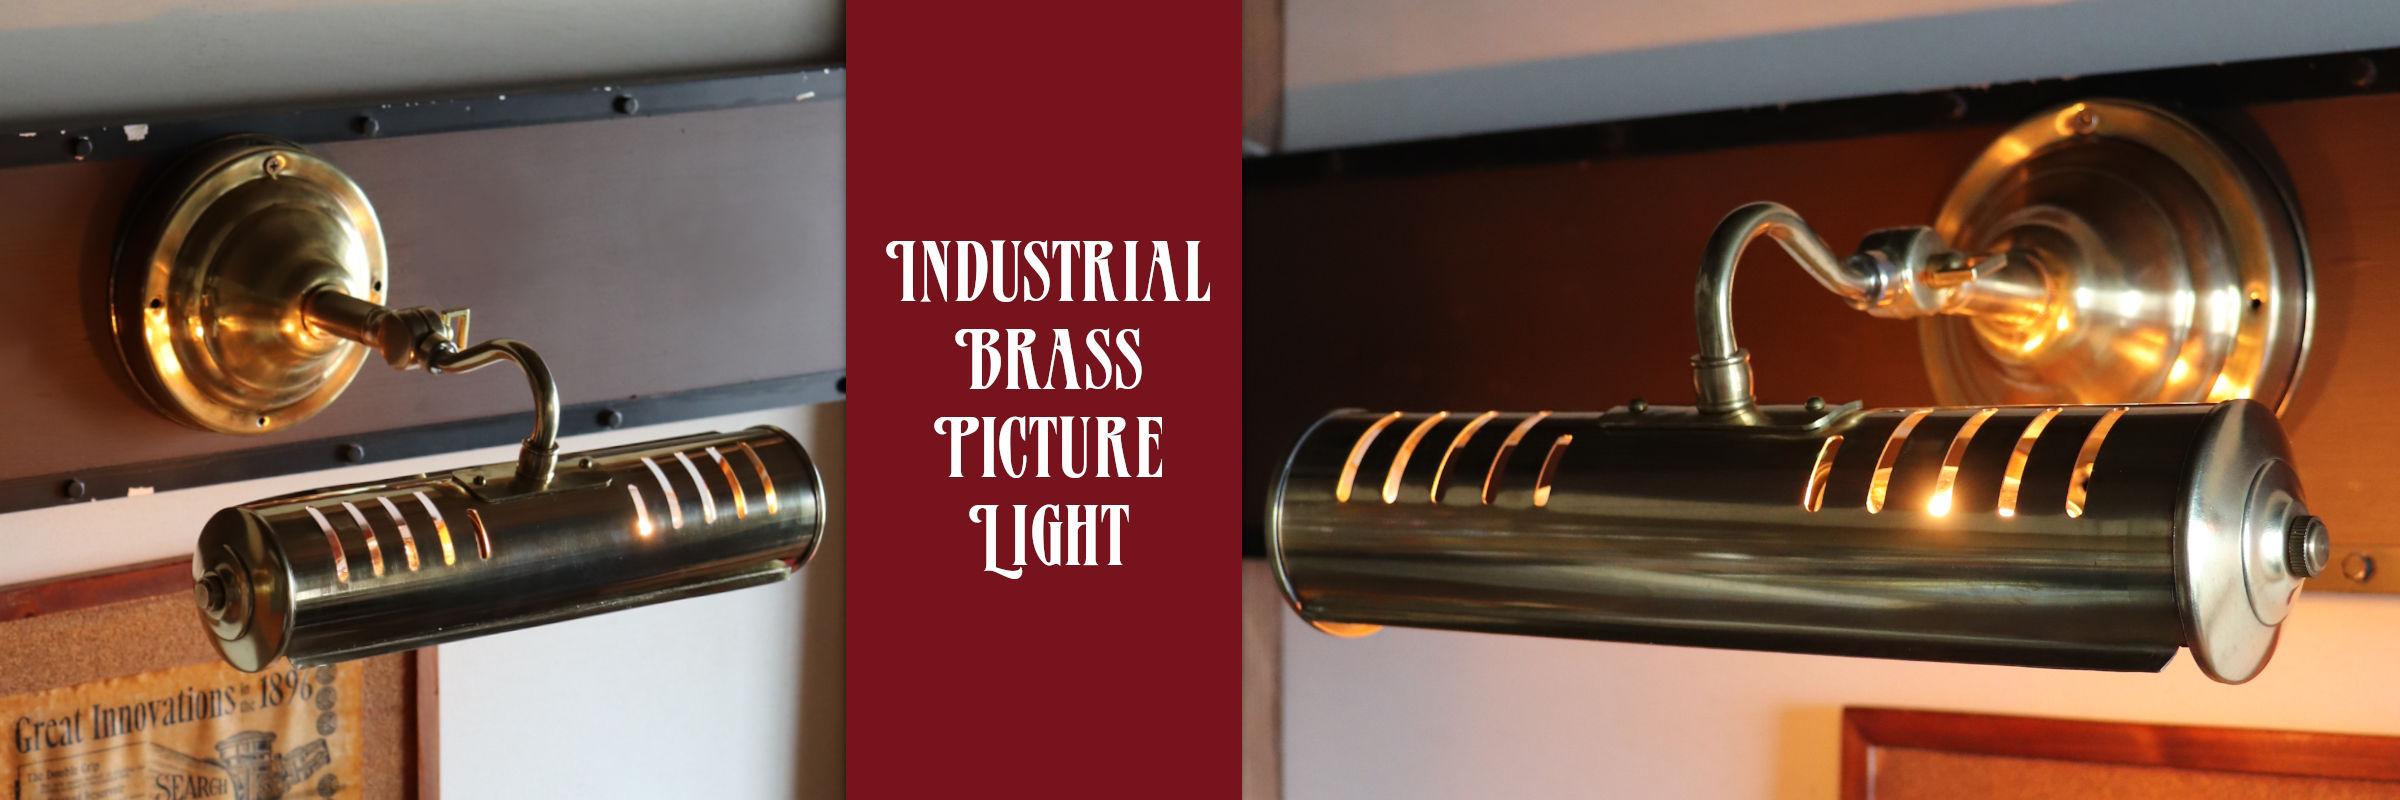 真鍮製2灯式ピクチャーライト インダストリアル工業系壁掛け照明ブラケットライト